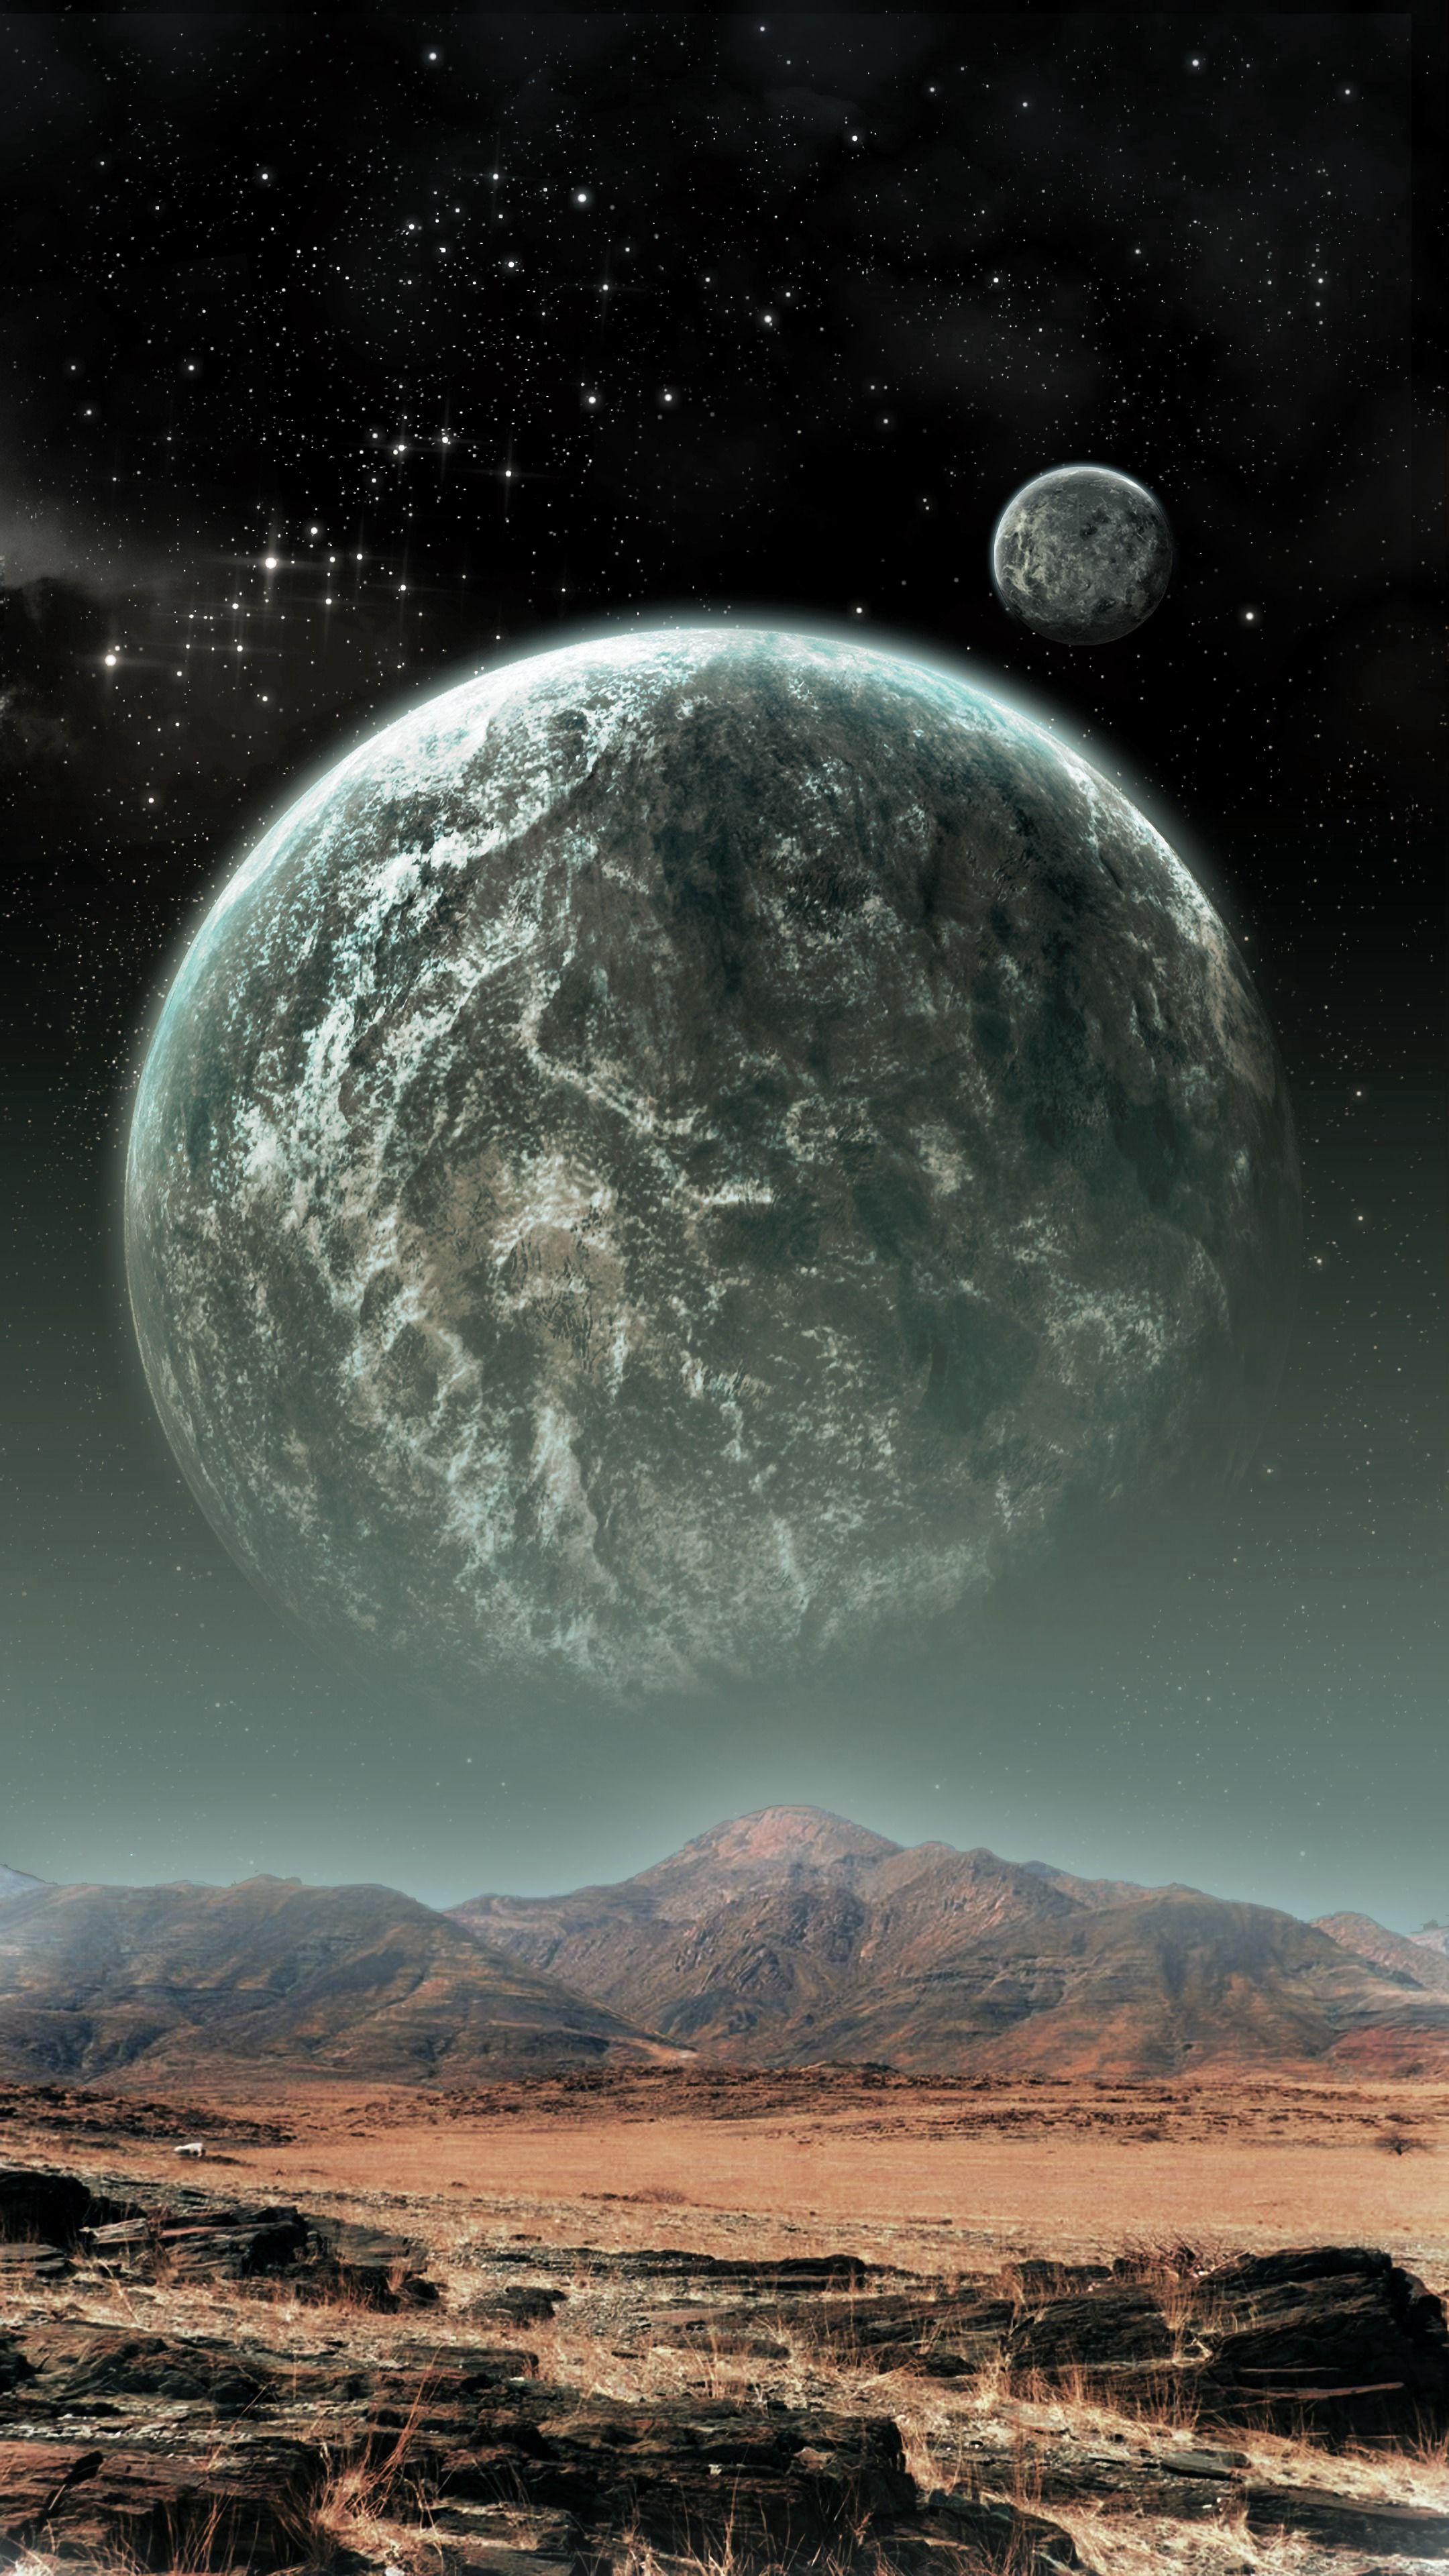 55128 скачать обои Планеты, Космос, Горы, Звезды, Разное, Иллюзия - заставки и картинки бесплатно